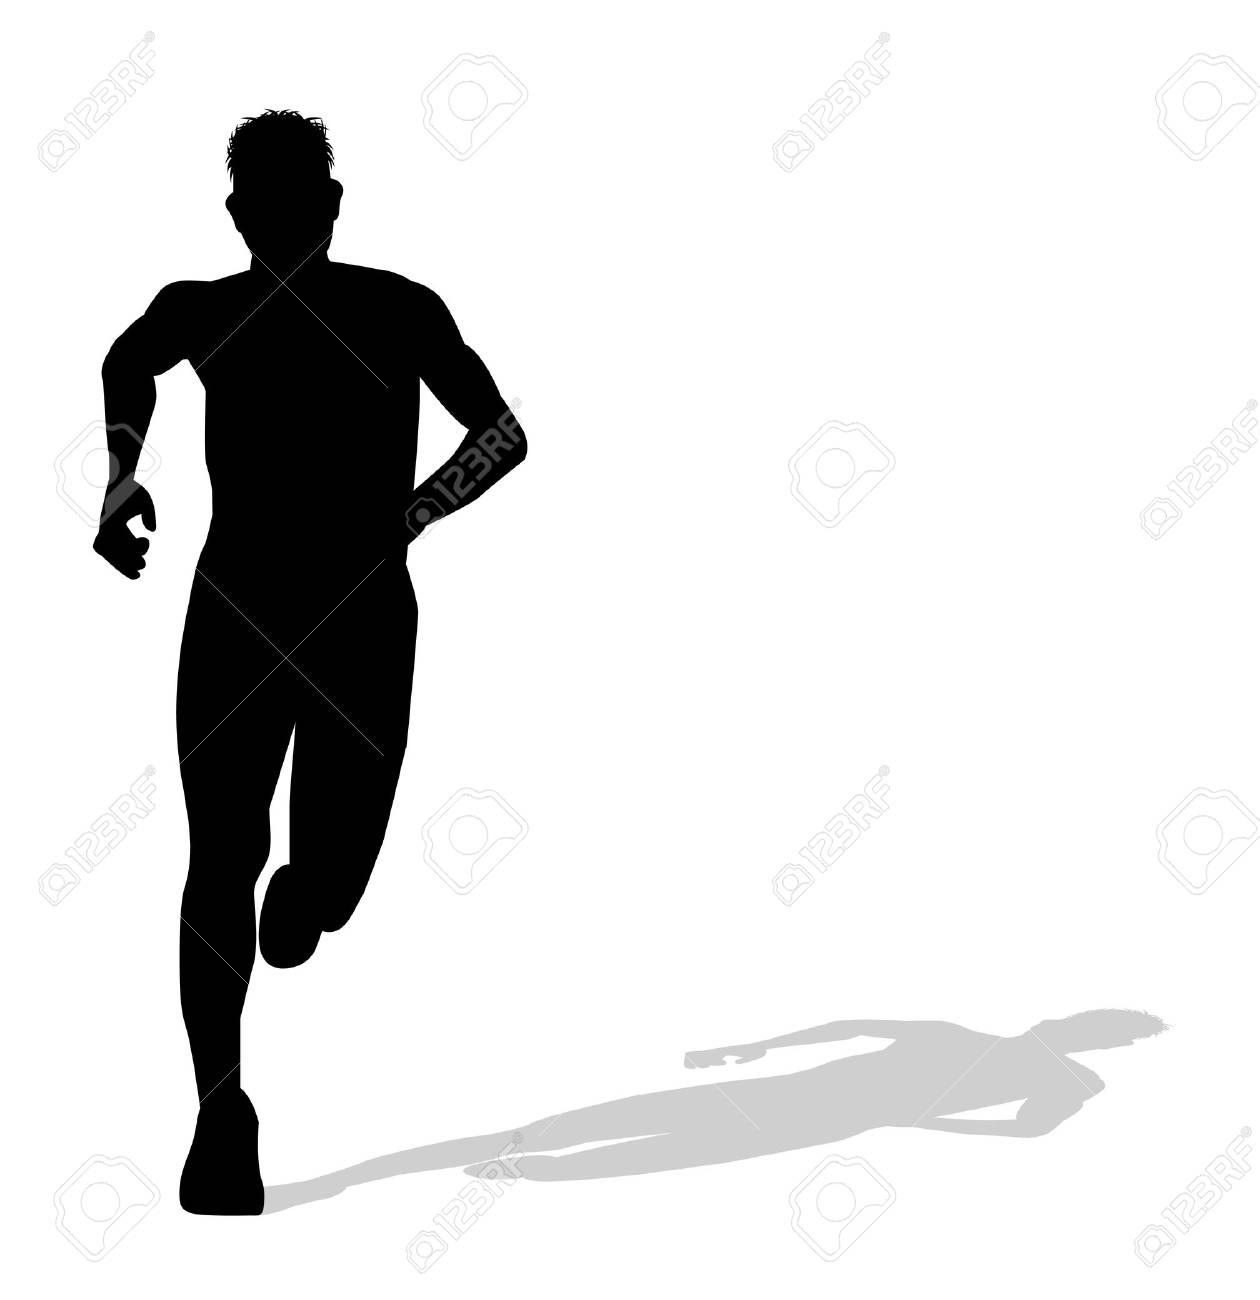 走っている人のシルエットのイラスト素材ベクタ Image 35503191